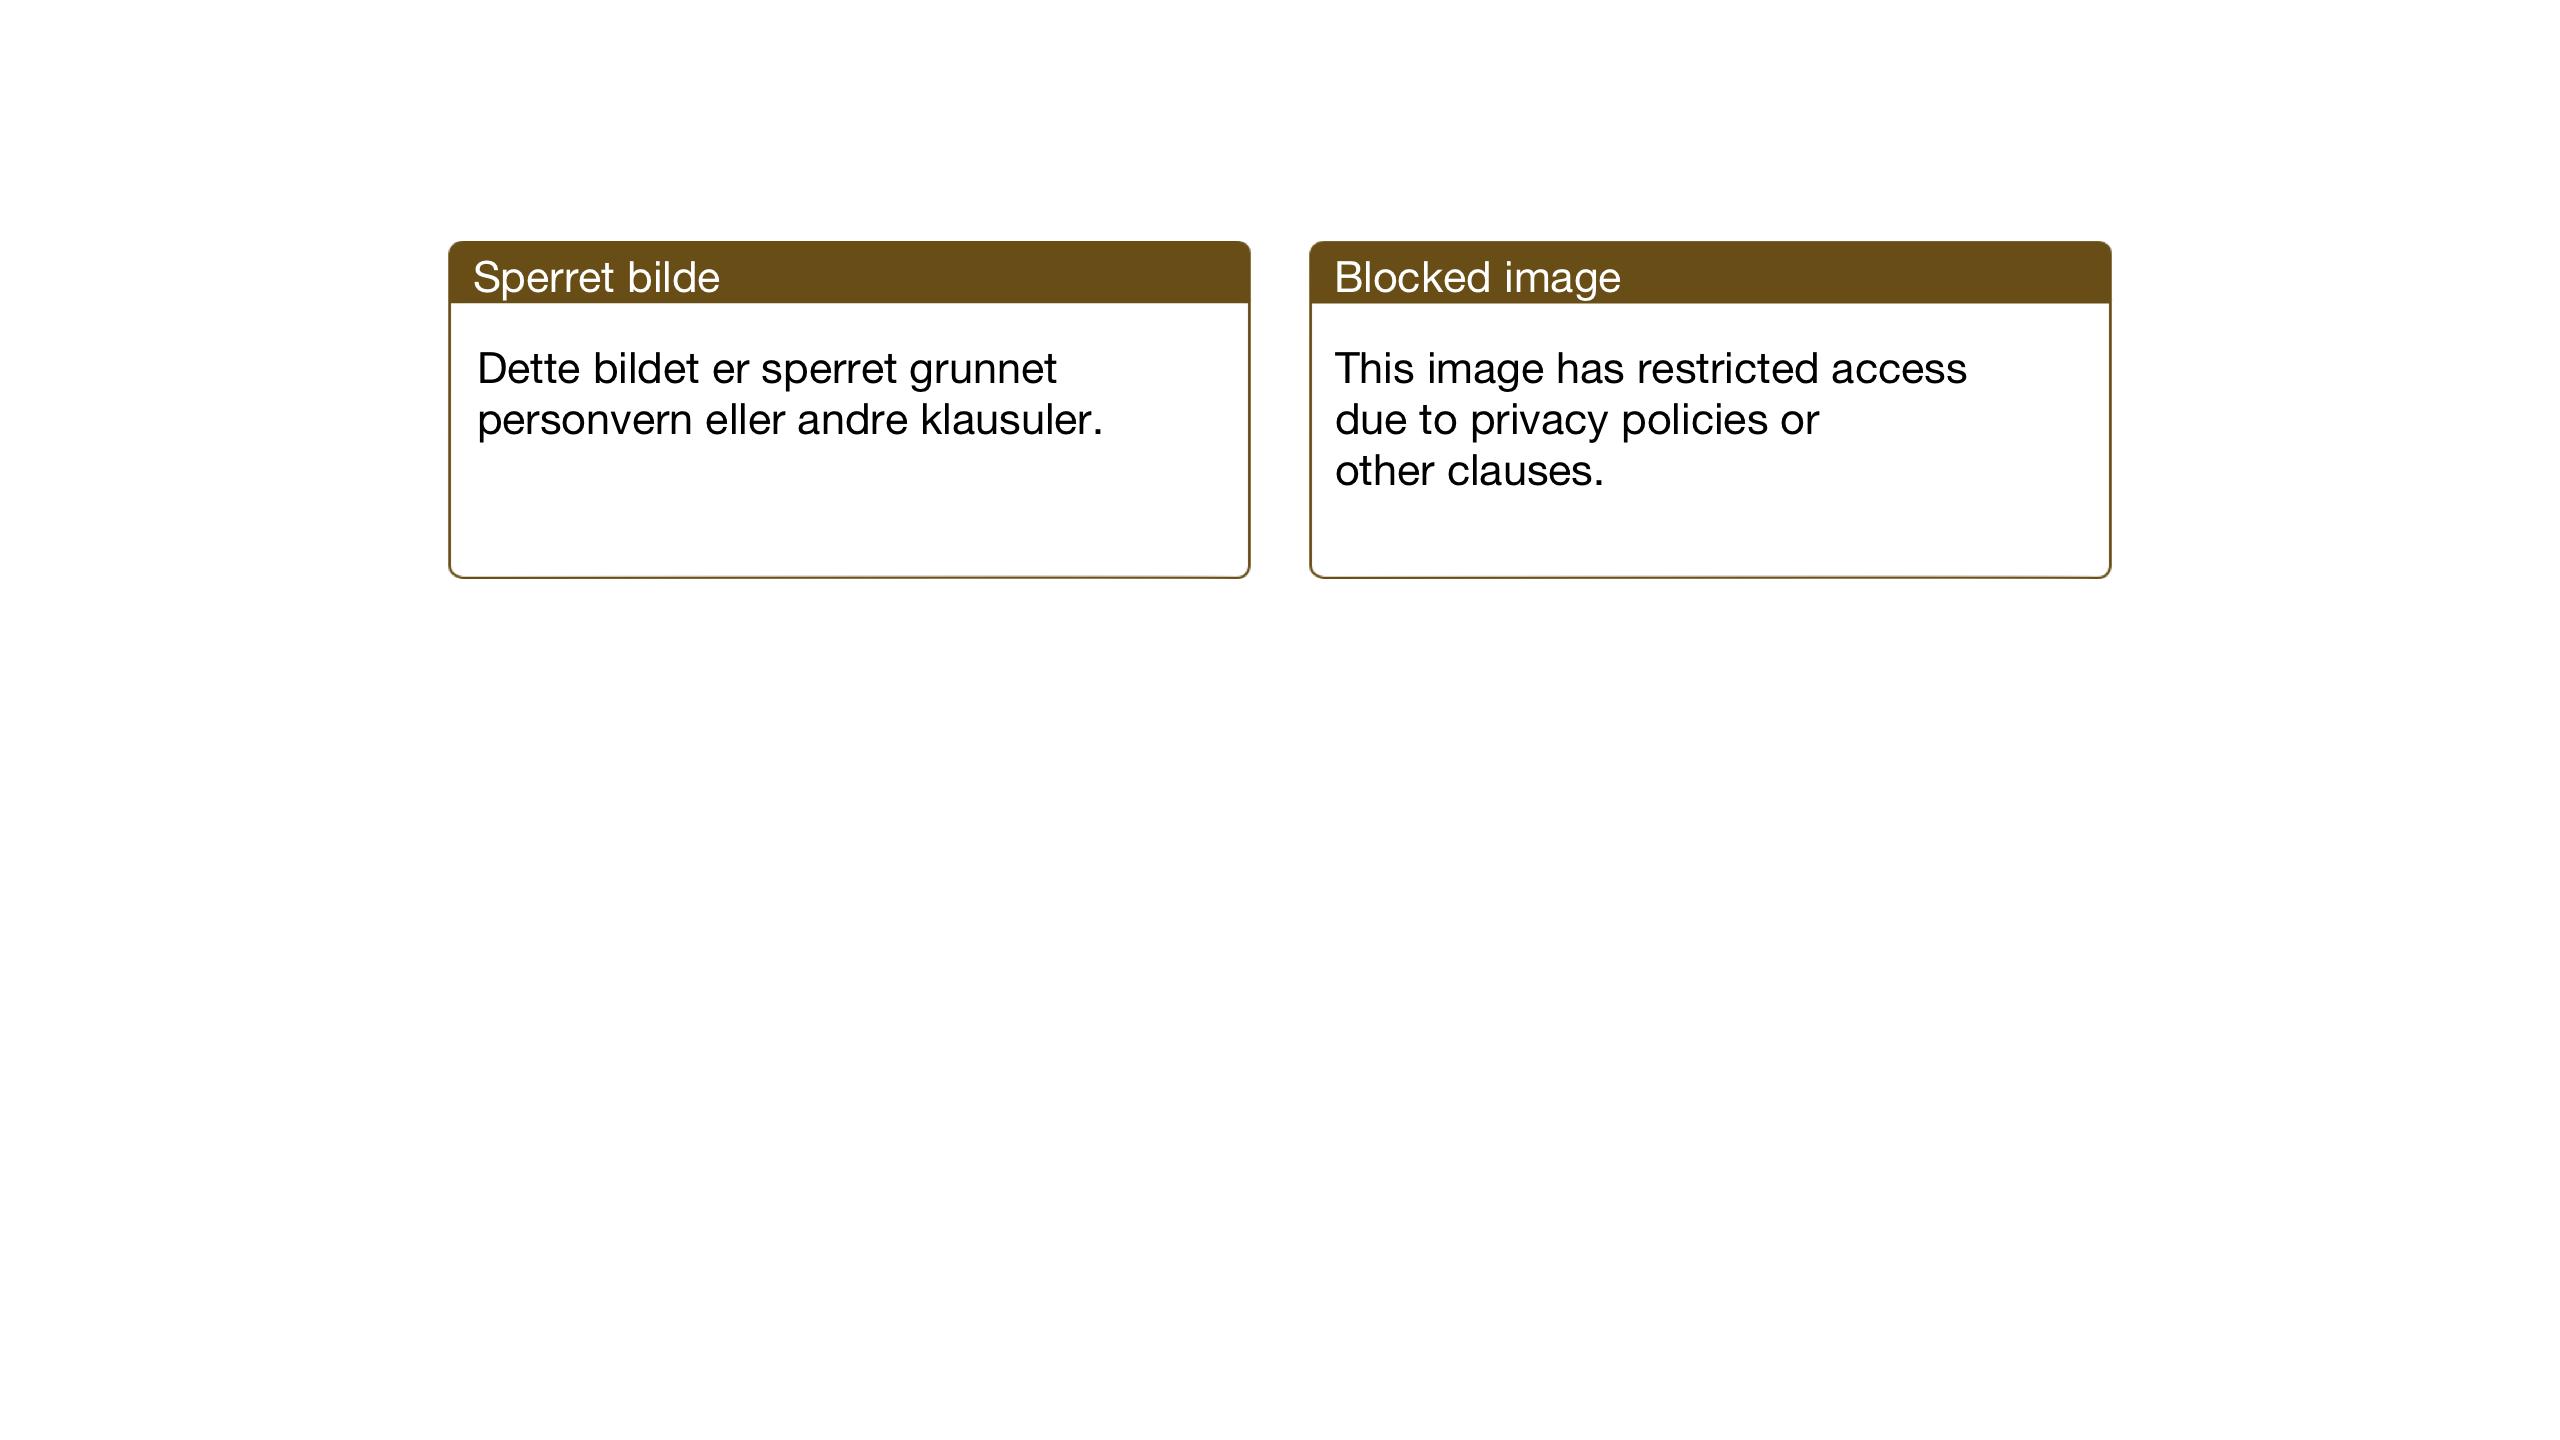 SAT, Ministerialprotokoller, klokkerbøker og fødselsregistre - Sør-Trøndelag, 667/L0799: Klokkerbok nr. 667C04, 1929-1950, s. 91